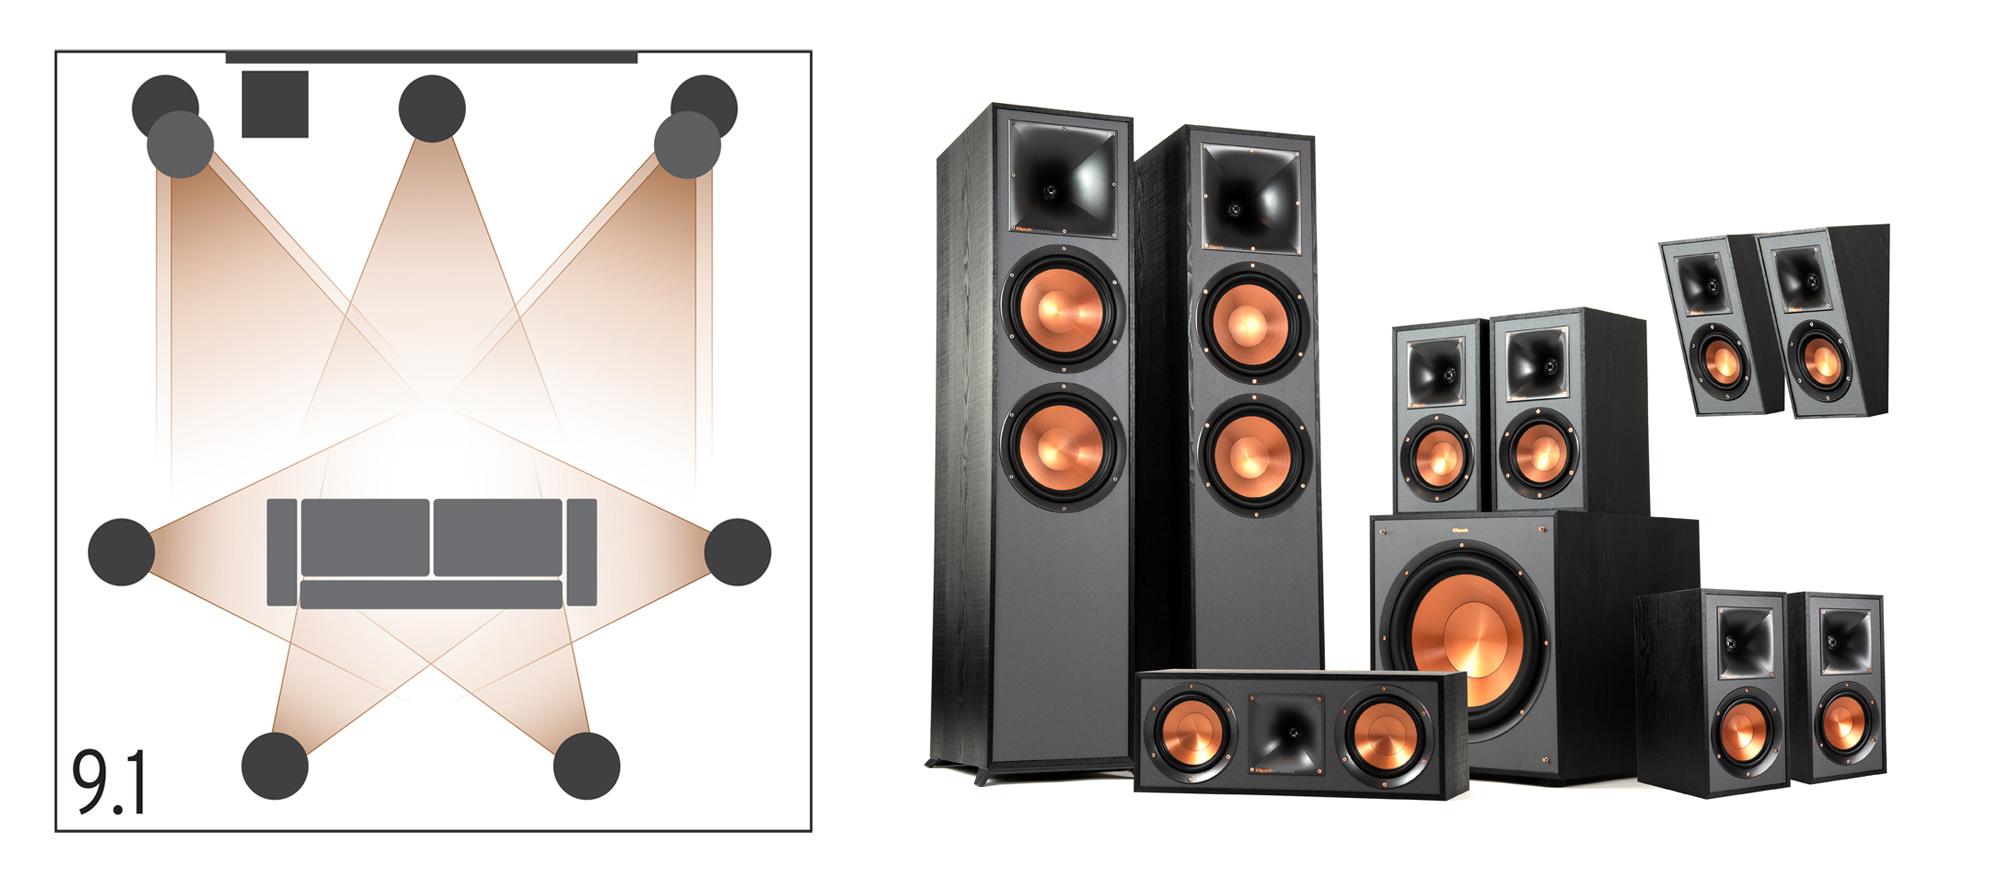 Klipsch surround sound 9.1 home theater configuration